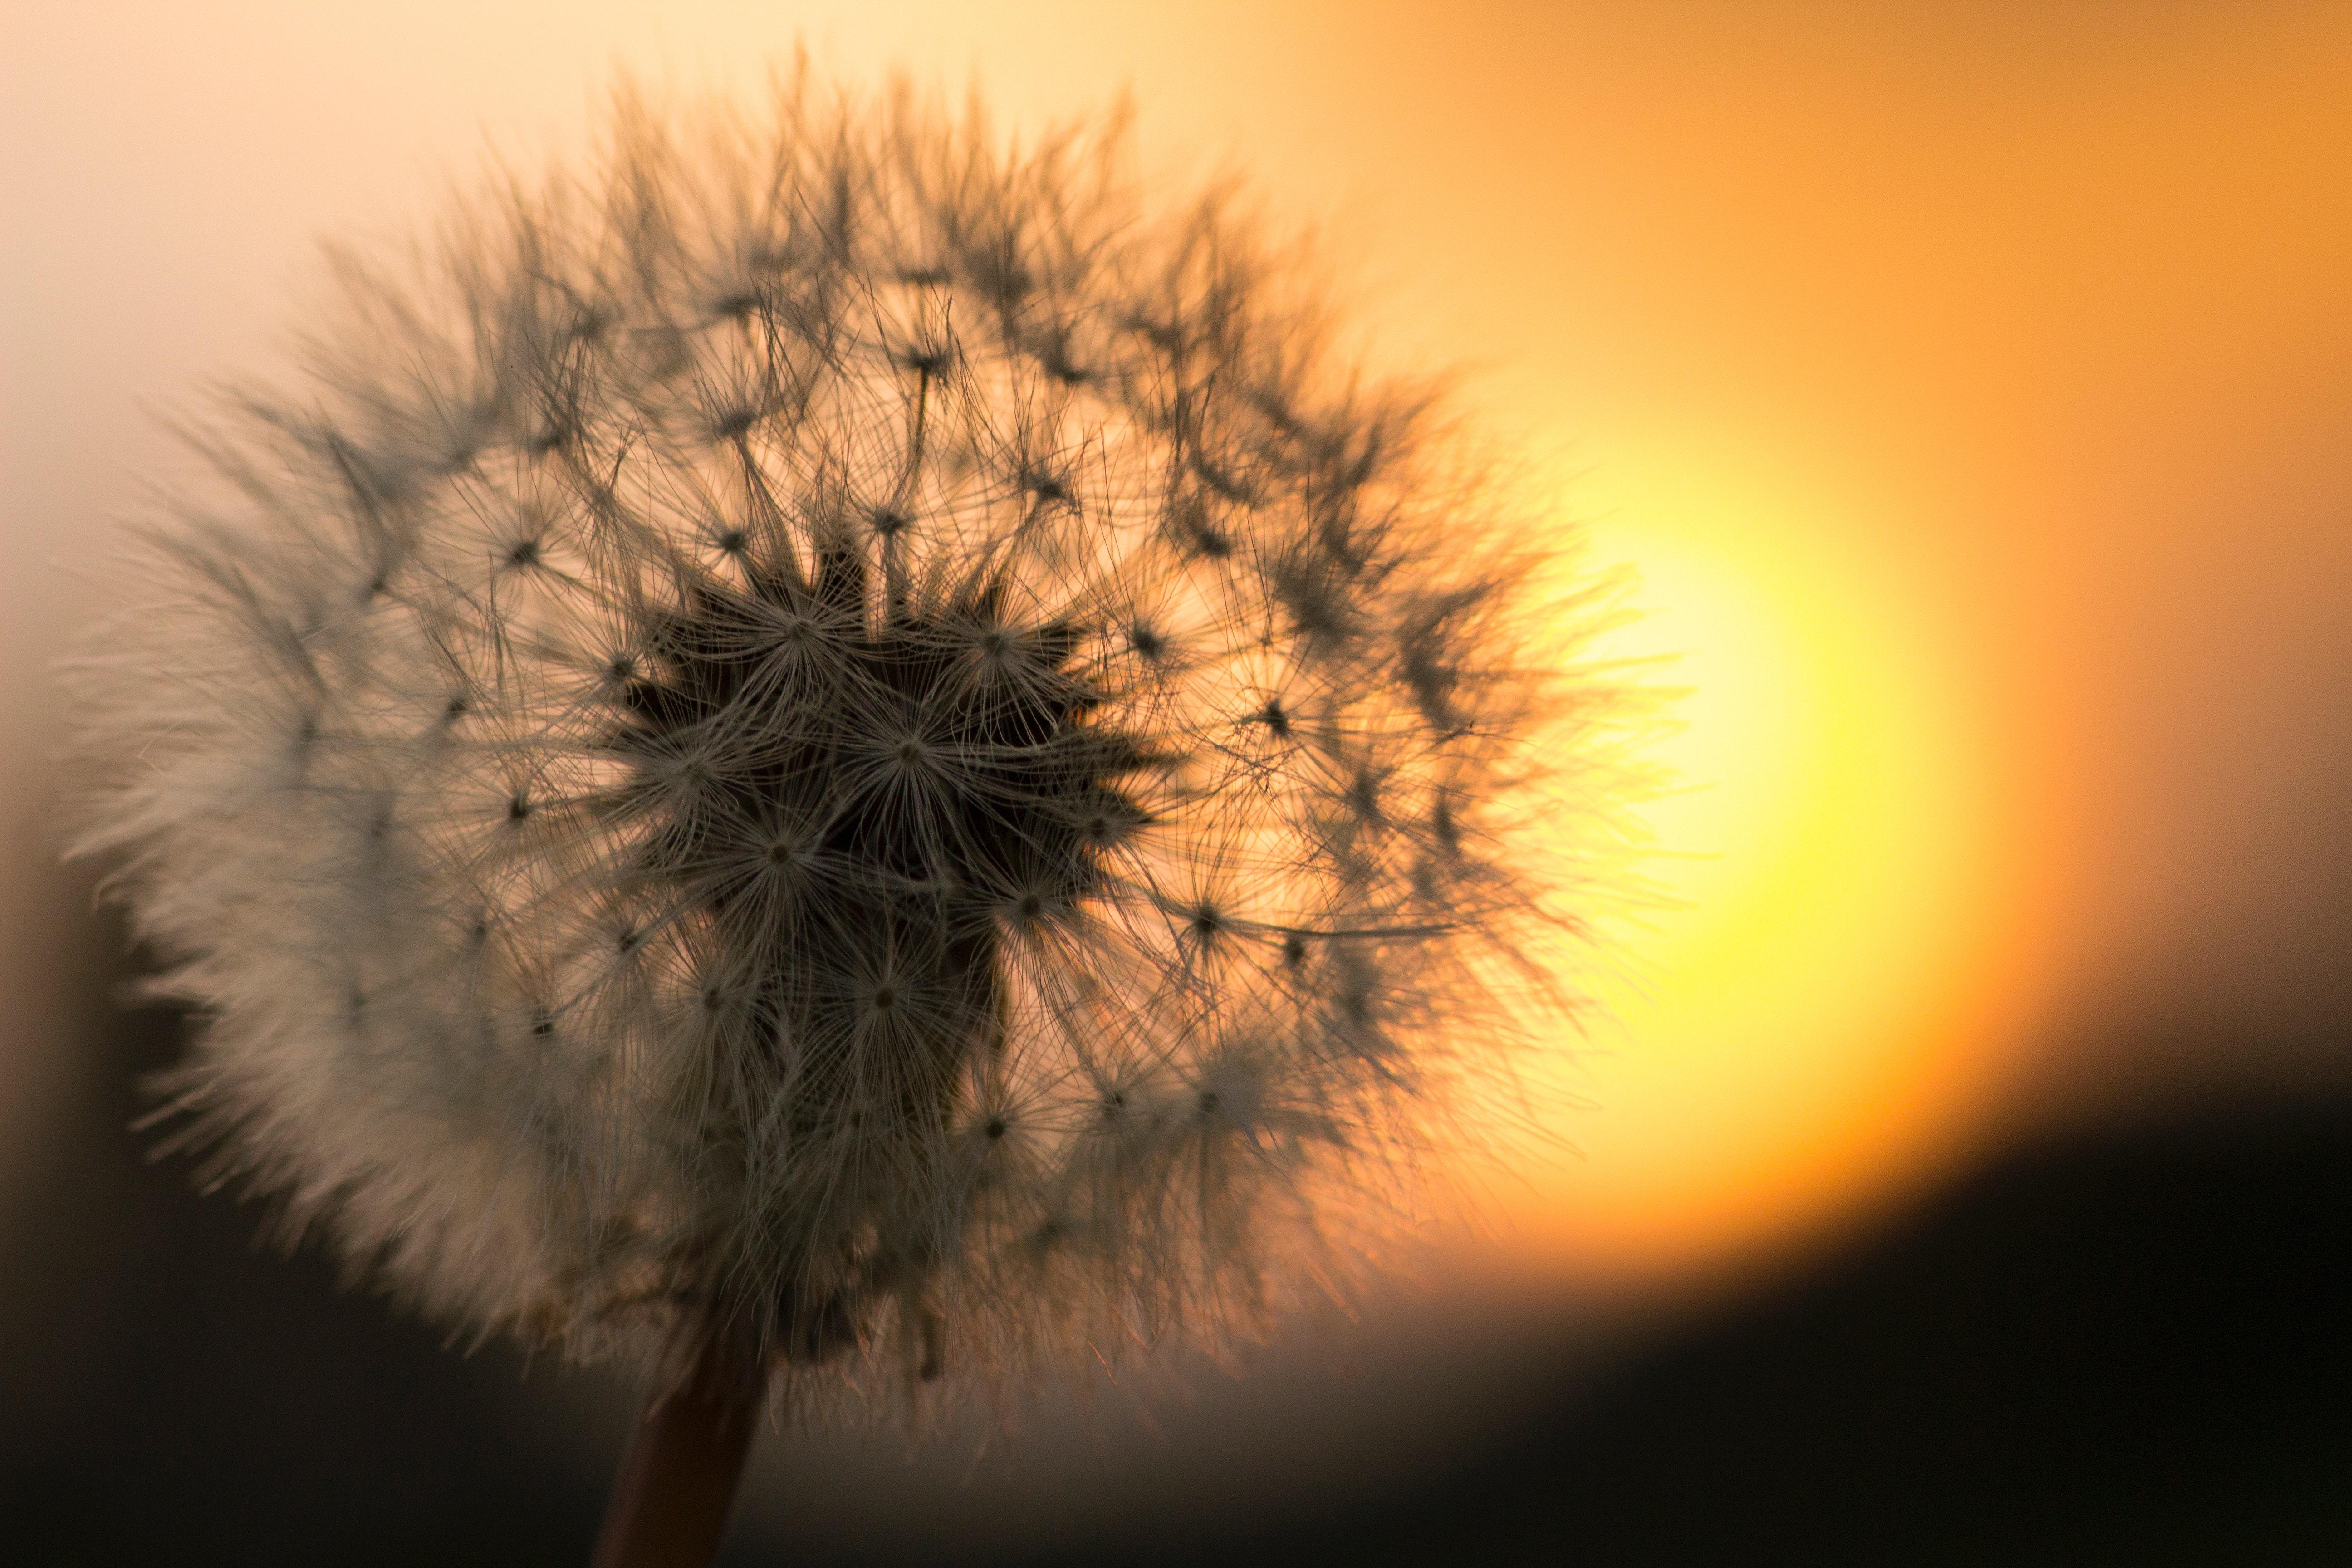 free photo: dandelion flower - hd wallpaper, macro, sunrise - free